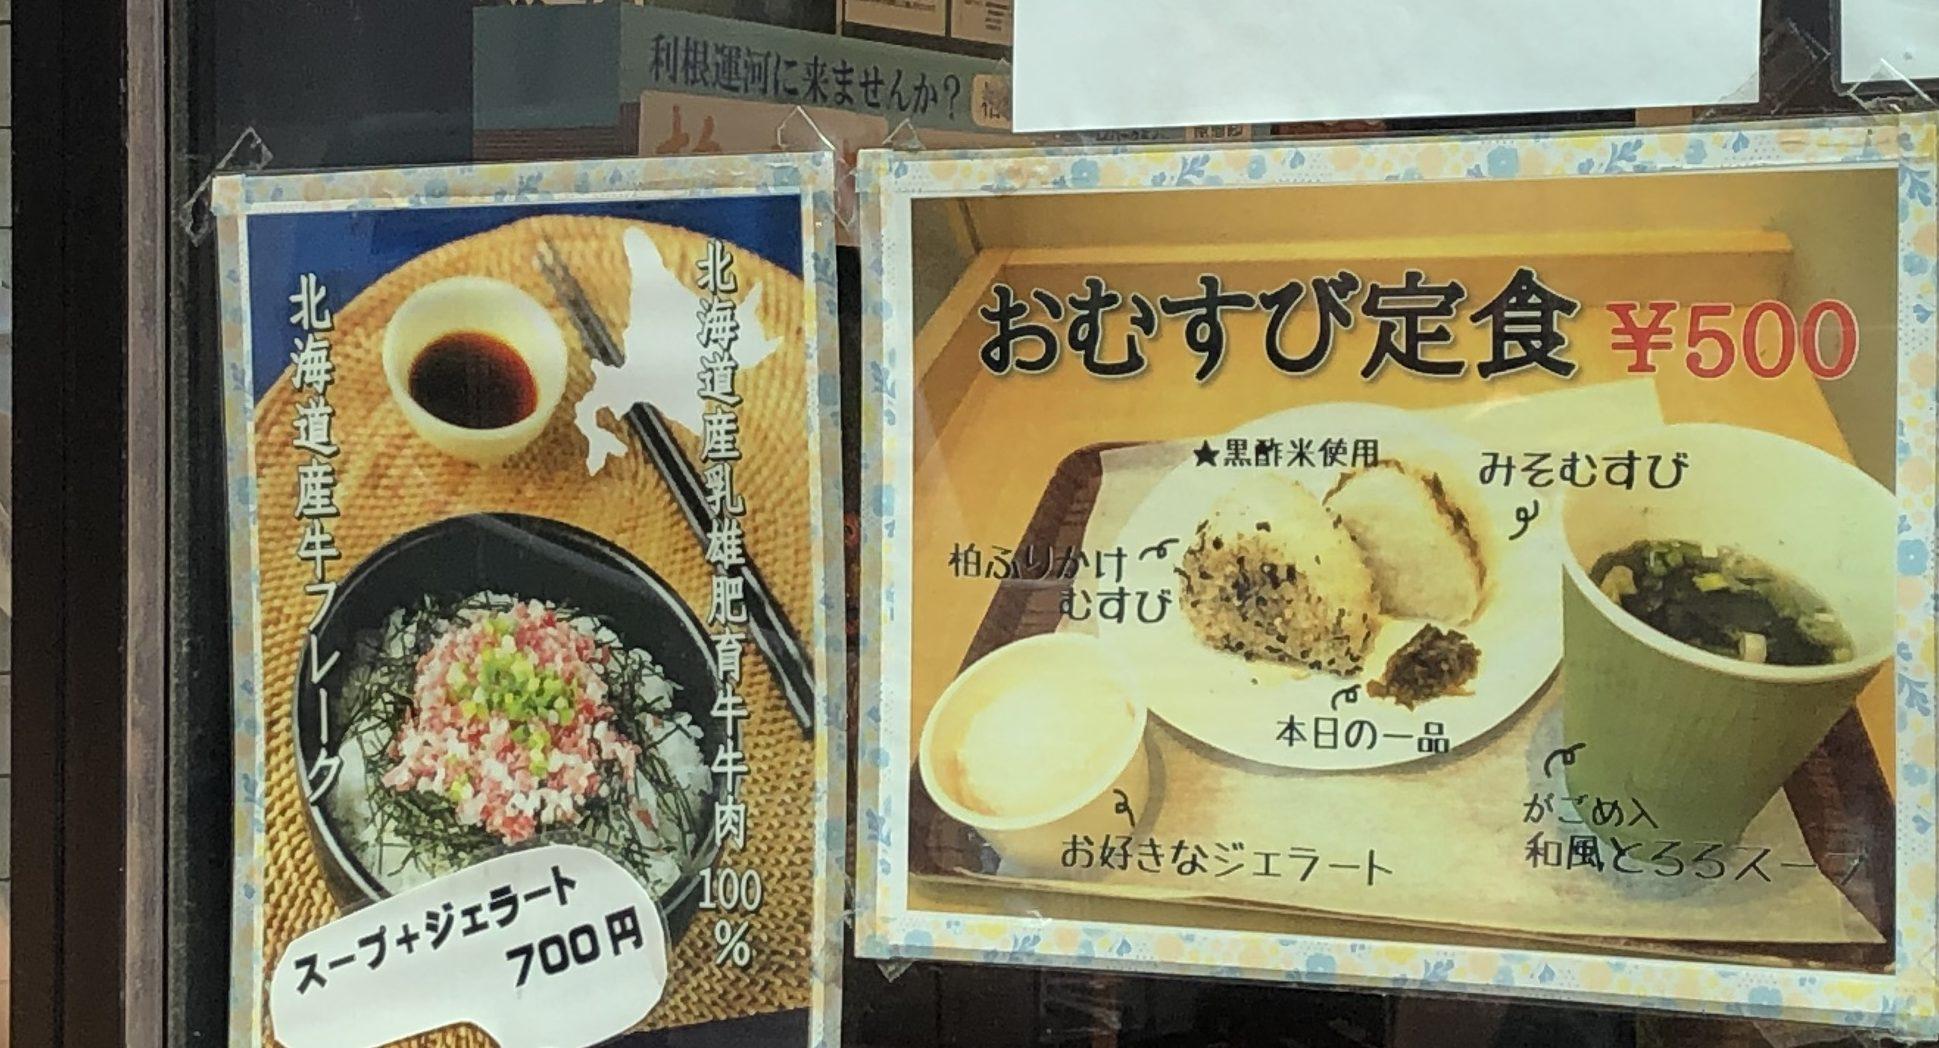 大地daichi のランチ